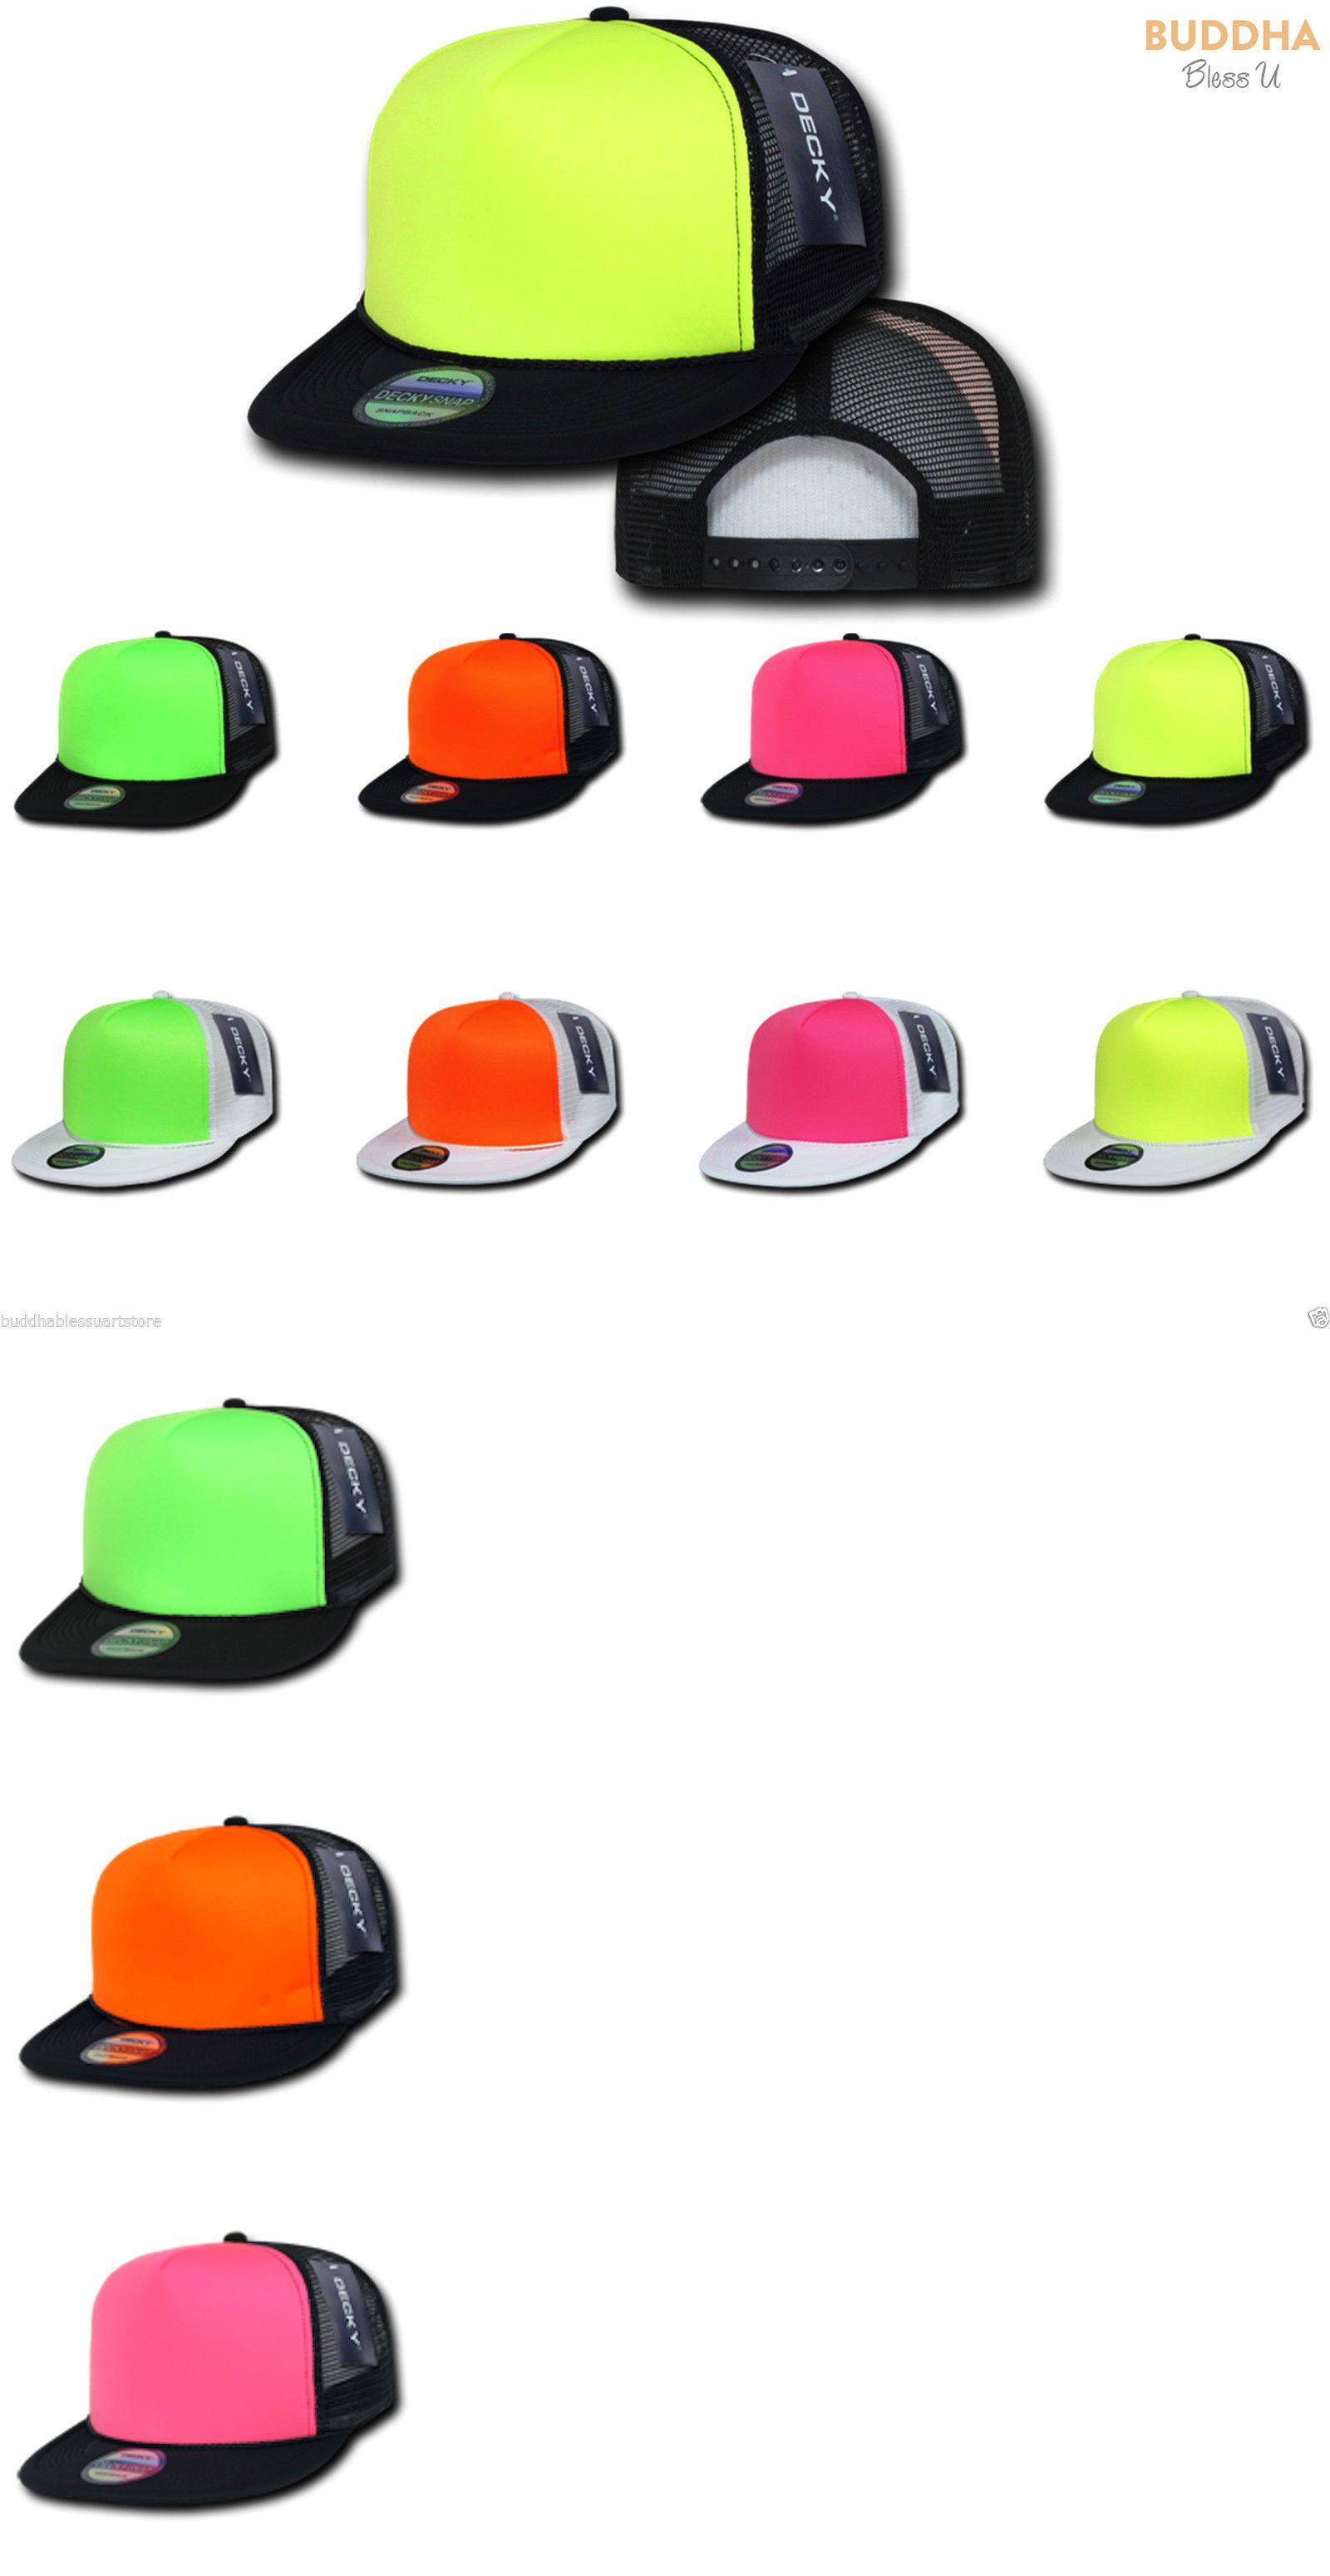 b67c9477d78 Mens Accessories 45053  15 Lot Decky Foam Mesh Flat Bill Neon Trucker Hats  Hat Cap Two Tone Wholesale -  BUY IT NOW ONLY   62.49 on eBay!